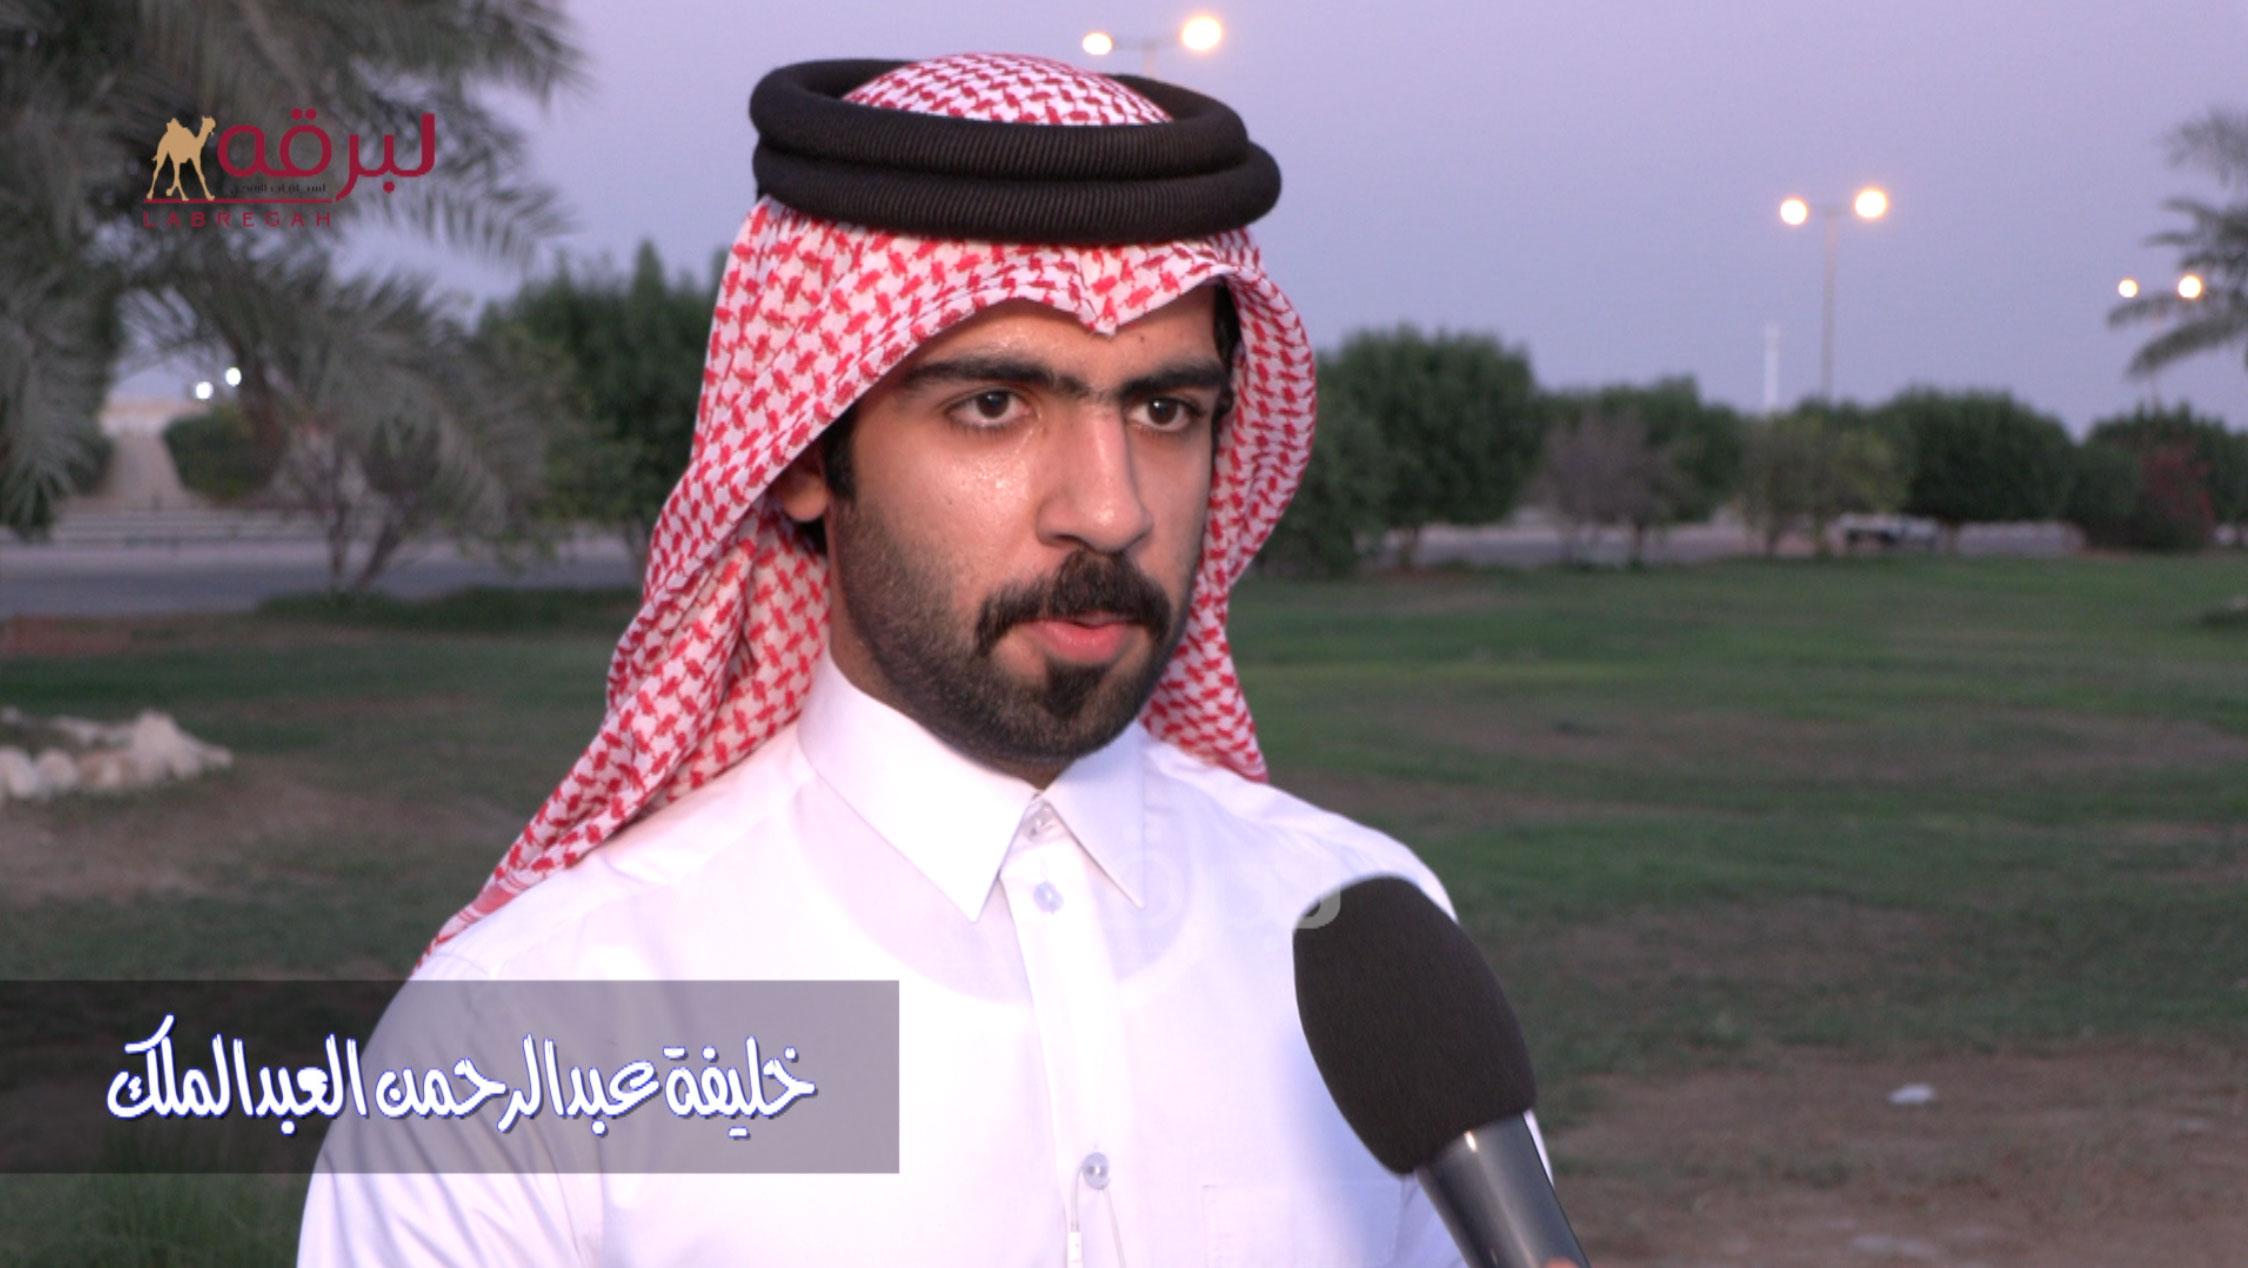 لقاء مع خليفة بن عبدالرحمن العبدالملك.. الشوط الرئيسي للزمول (مفتوح) الأشواط المفتوحة  ١٦-١٠-٢٠٢١